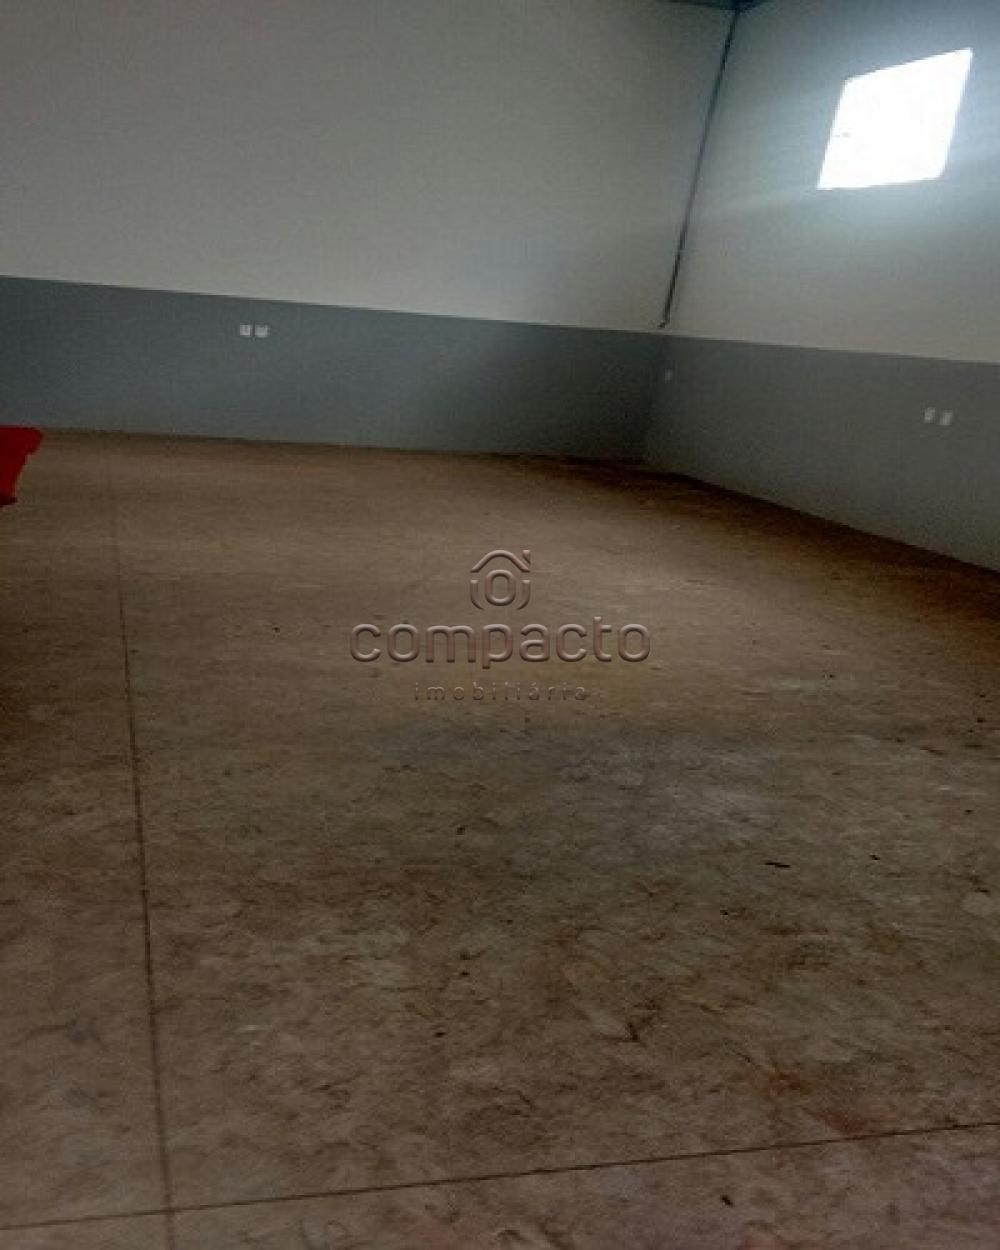 Alugar Comercial / Salão em São José do Rio Preto apenas R$ 2.500,00 - Foto 4